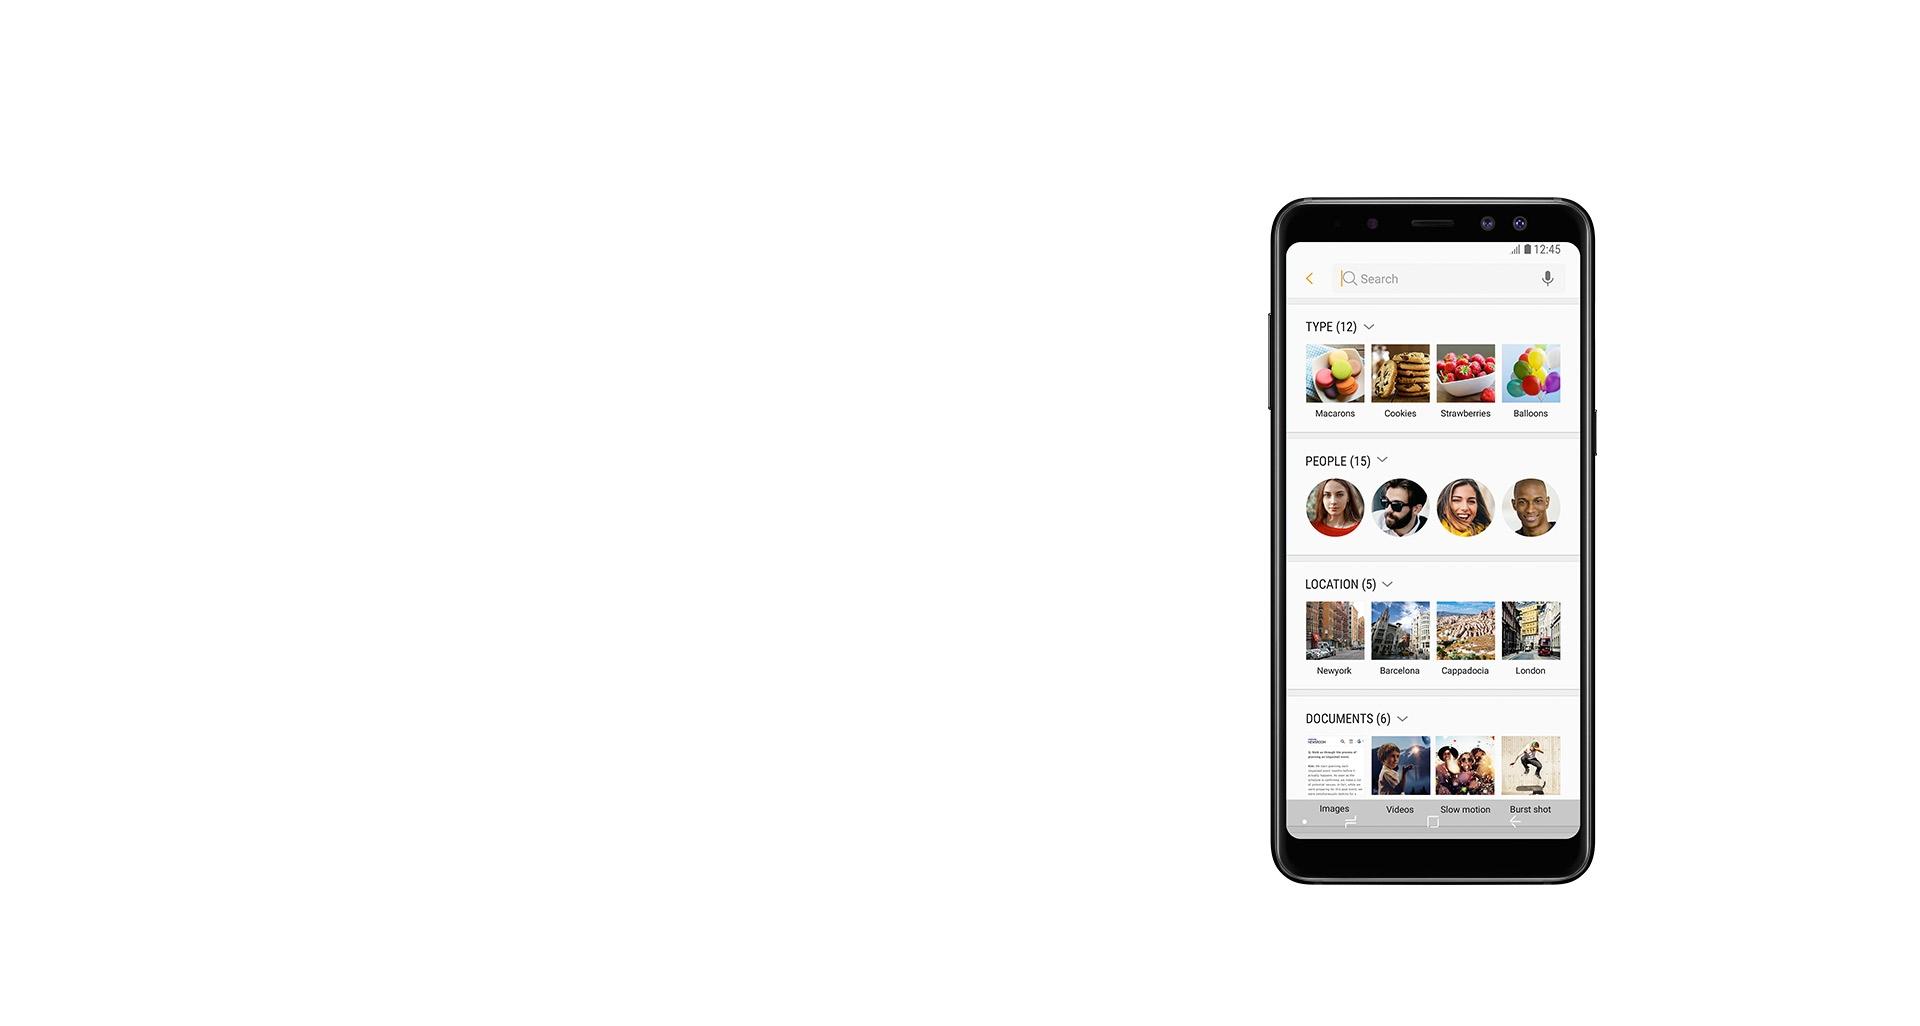 جست و جوی پیشرفته تصاویر در موبایل سری A سامسونگ 2018